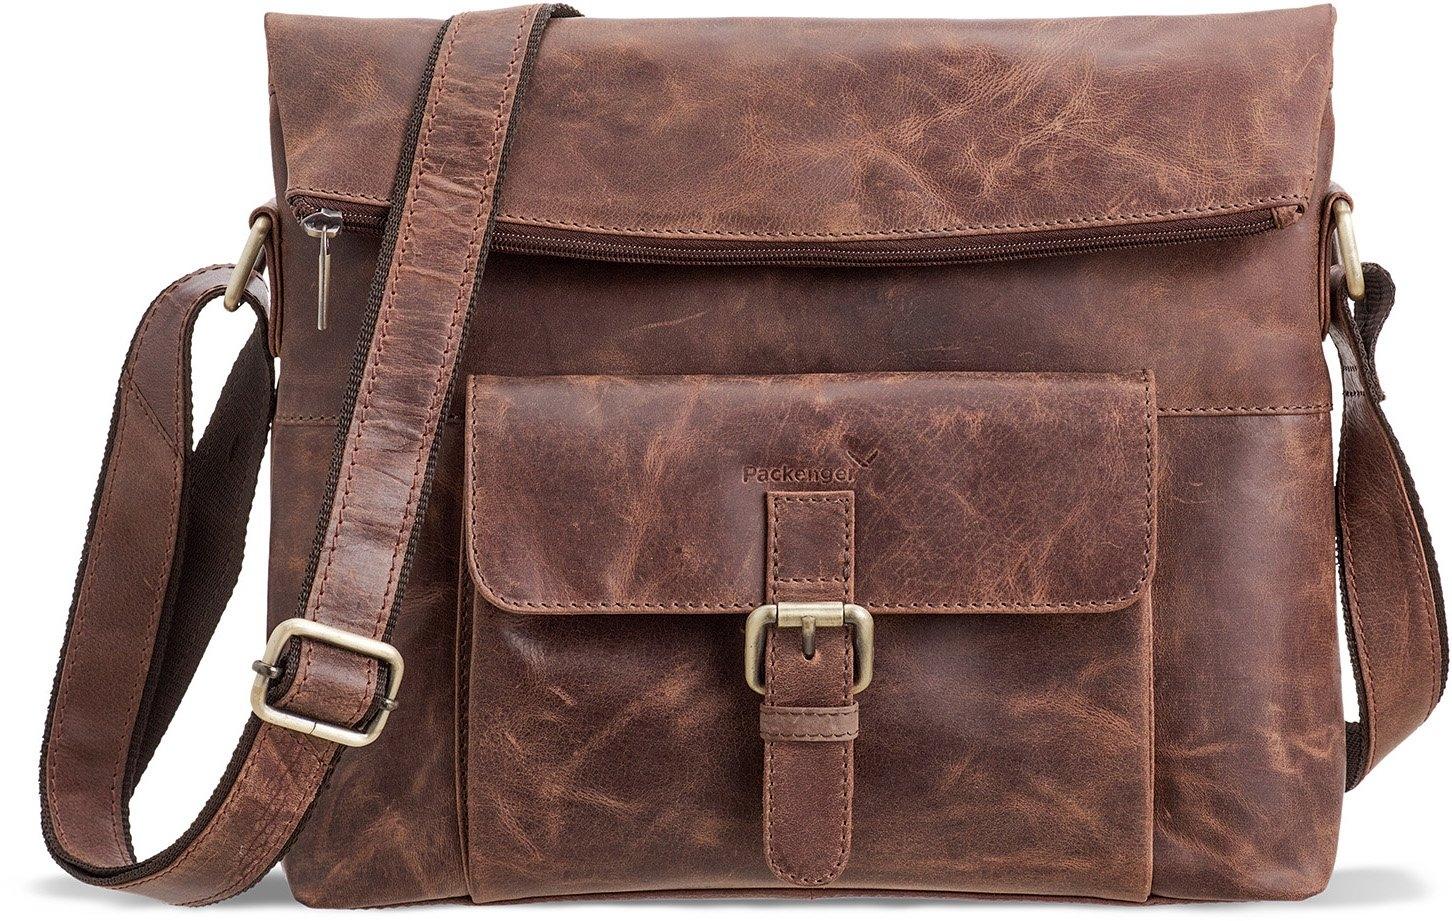 Band Voor Schoudertas : Packenger schoudertas met inch vak voor tablet ?ivar